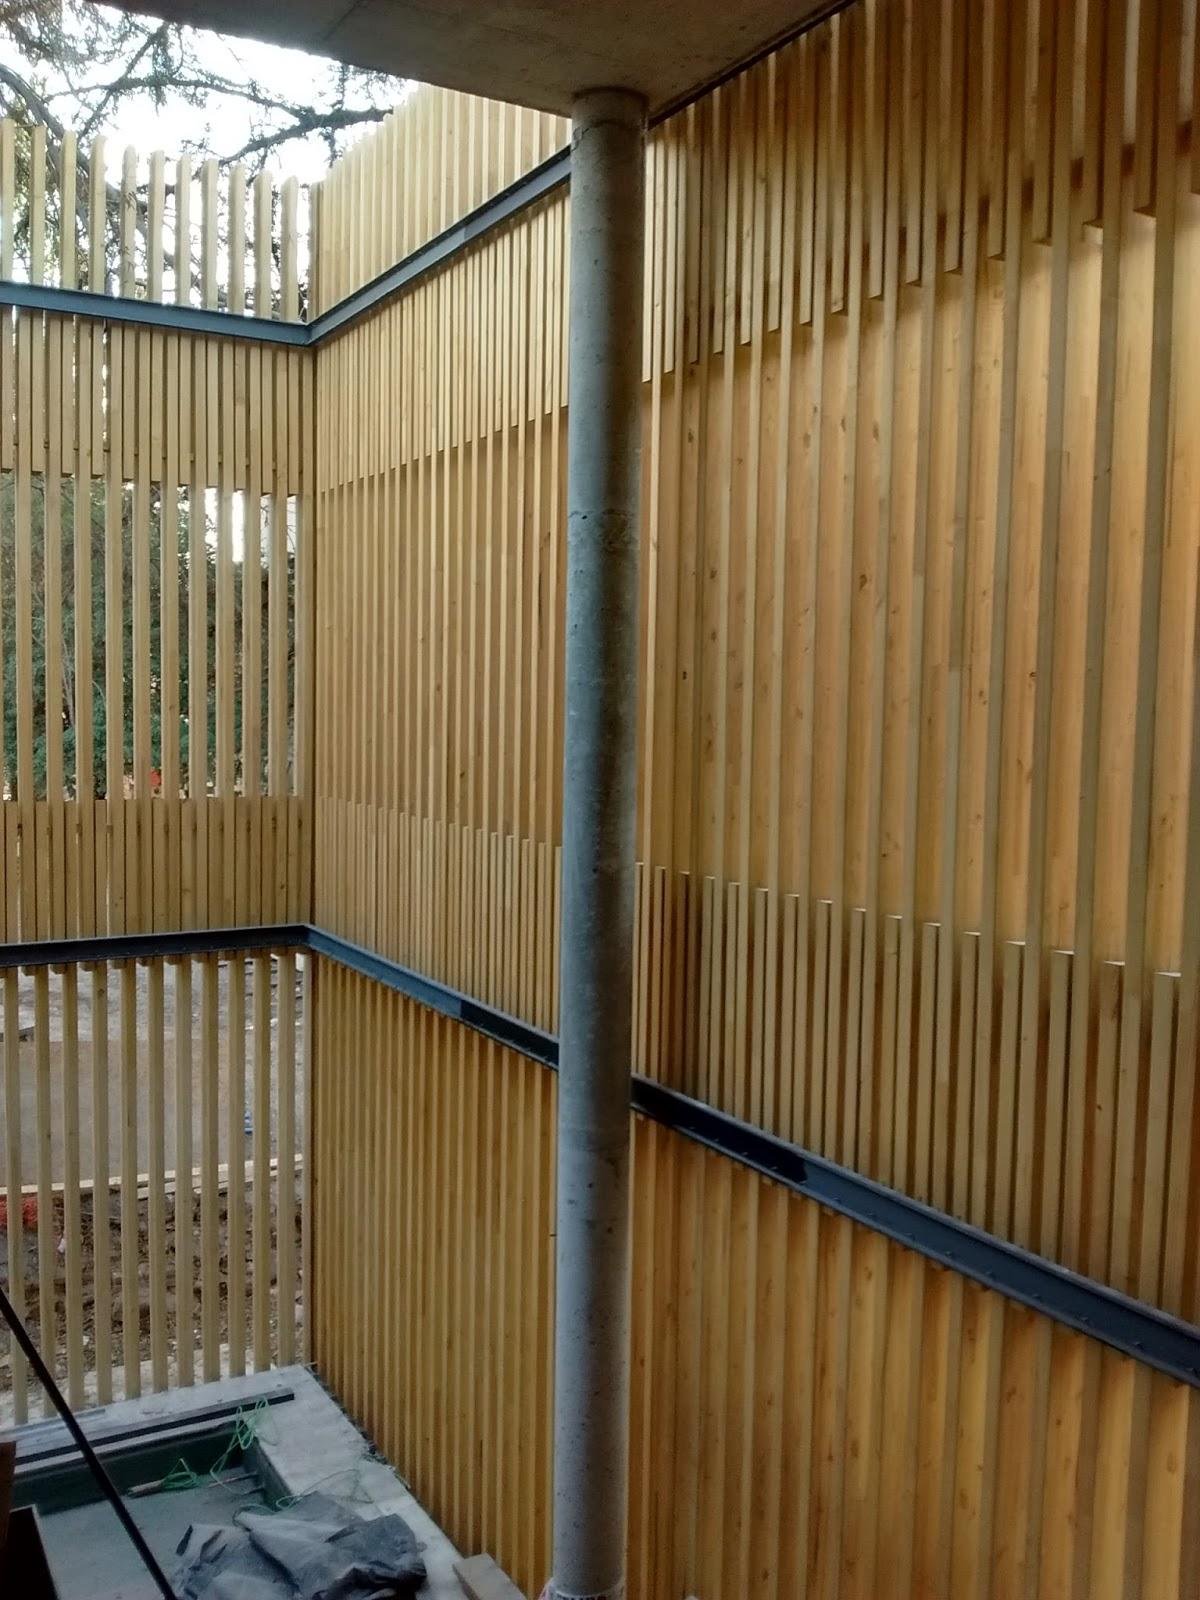 se encuentra en su fase final la ejecucin de las fachadas de lamas de madera de la obra de remodelacin ampliacin y restauracin de la embajada de brasil